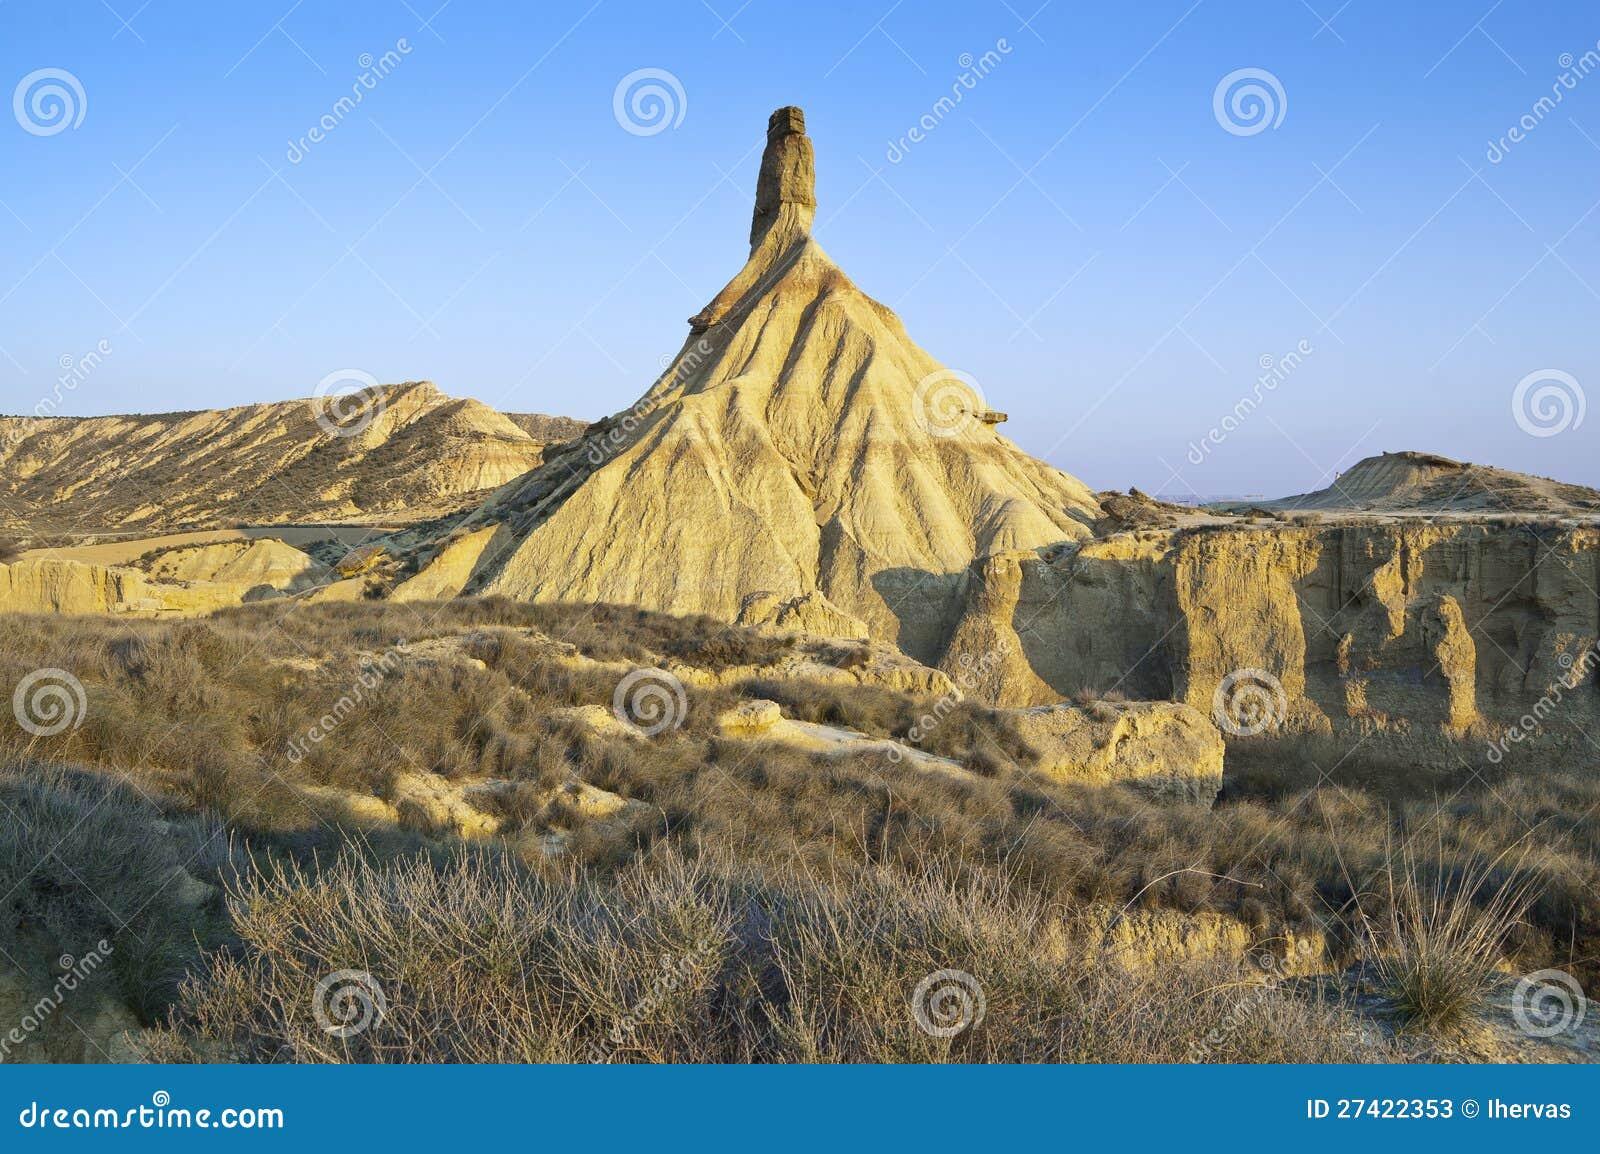 Semi-desert landscape in bardenas reales, navarre, spain. the bardenas